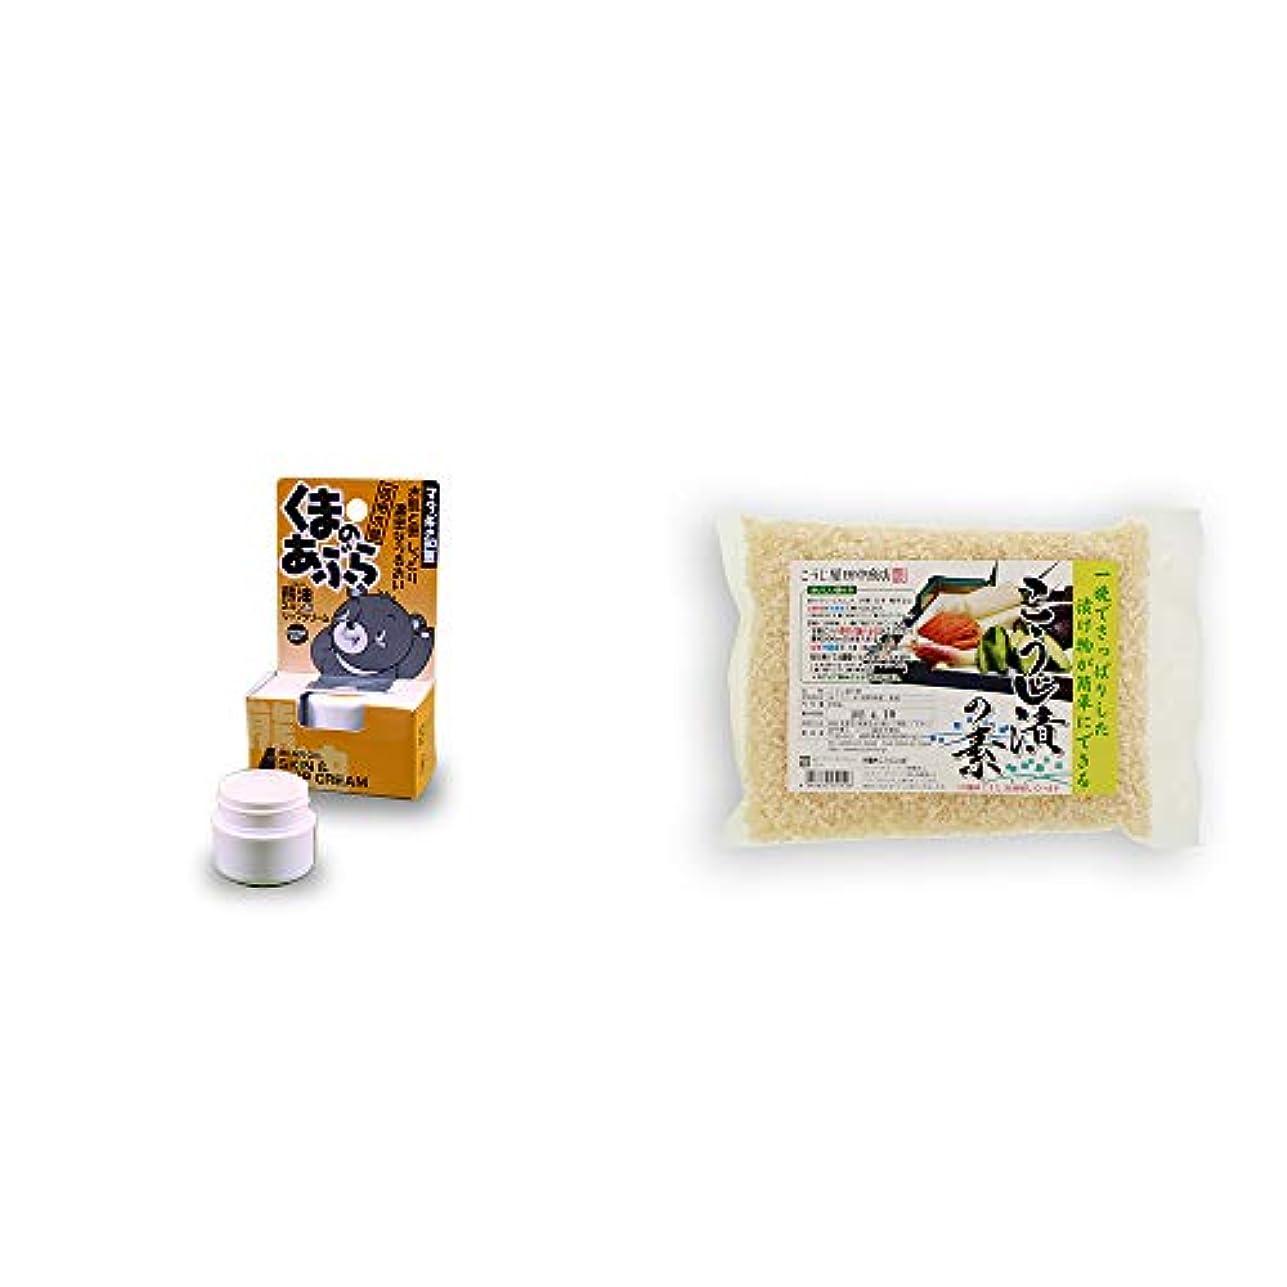 バインドポーン調停する[2点セット] 信州木曽 くまのあぶら 熊油スキン&リップクリーム(9g)?こうじ屋田中商店 こうじ漬けの素(600g)